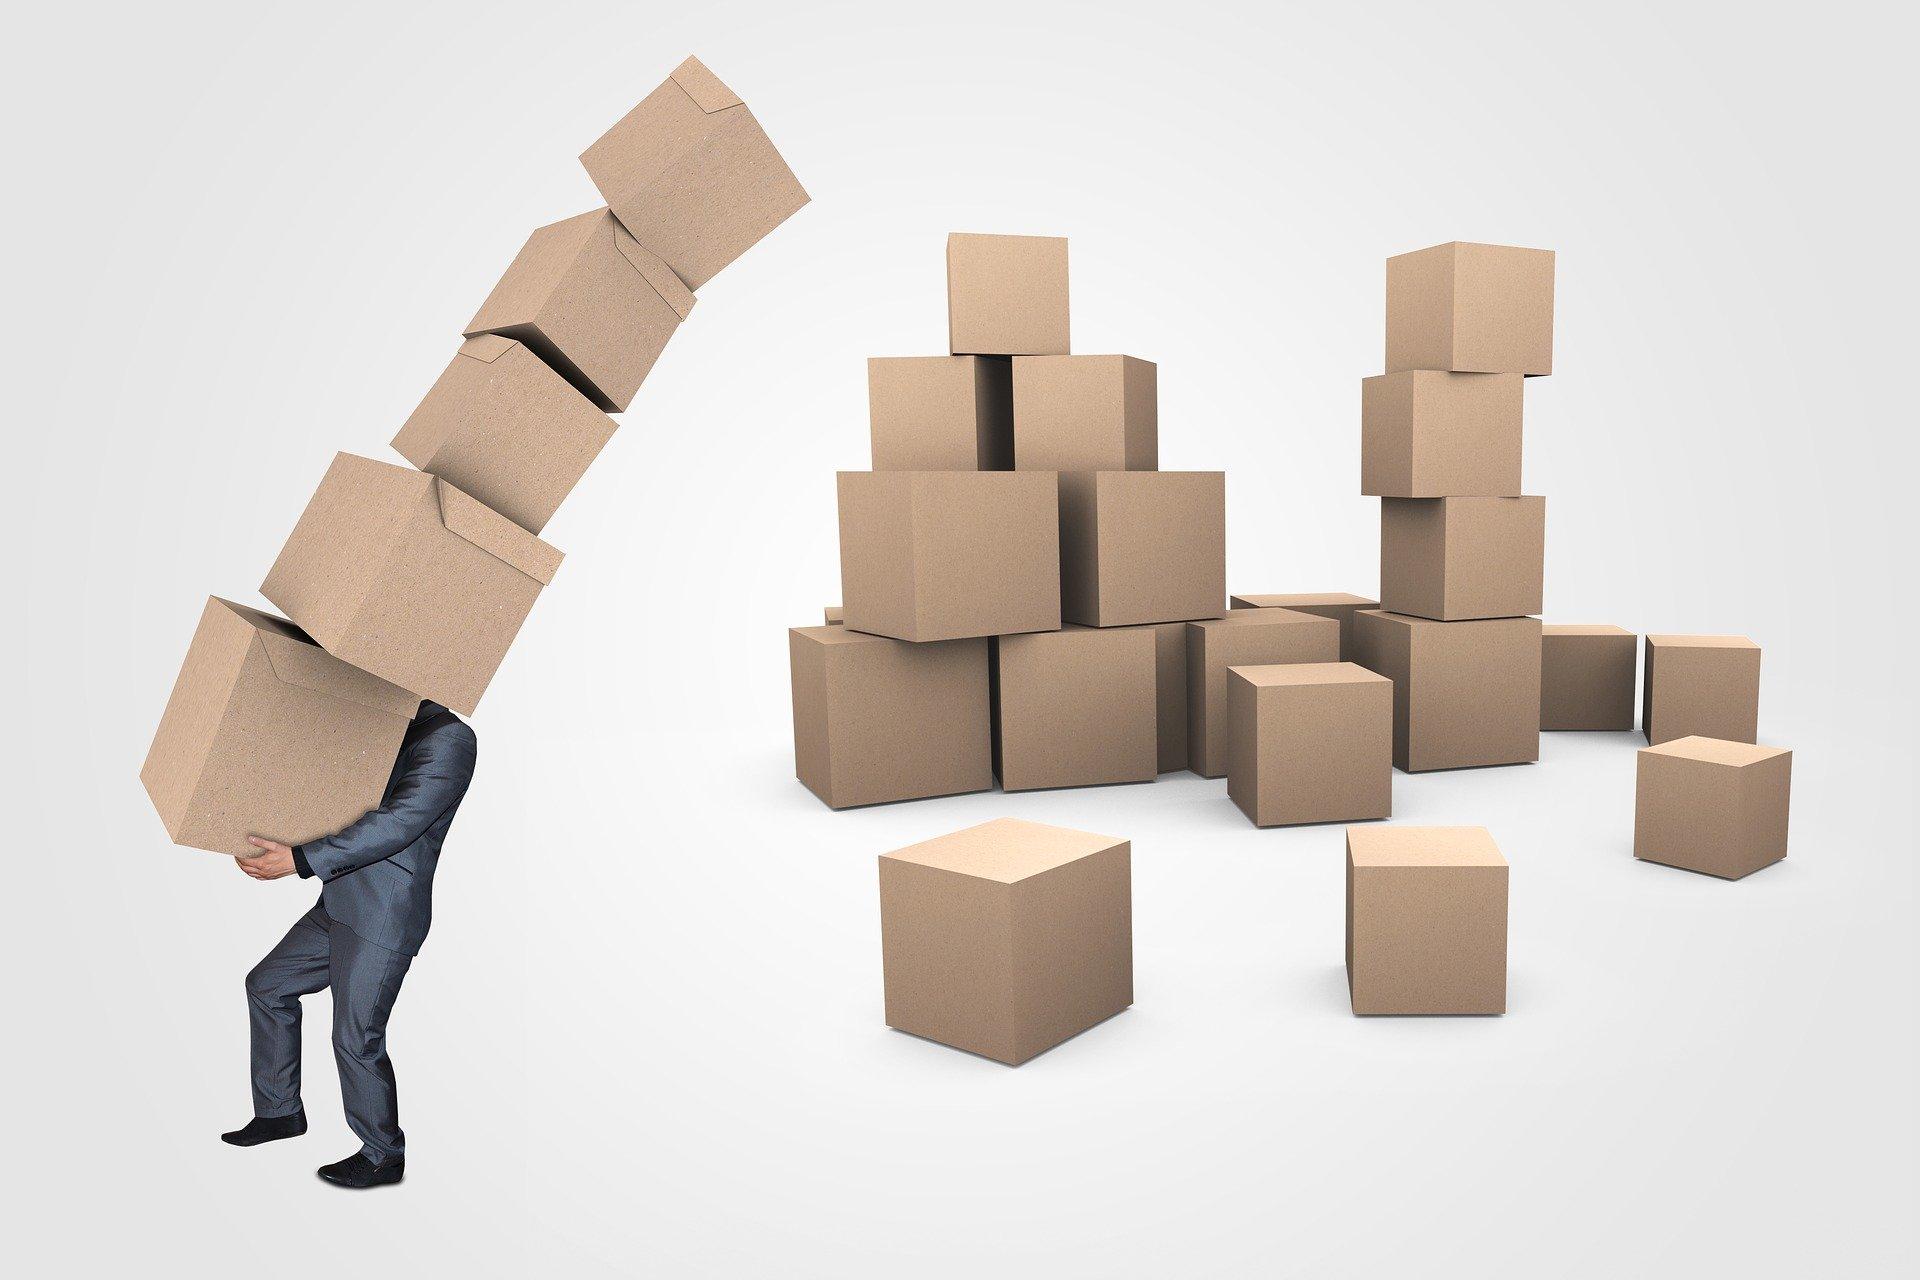 Les 10 principaux conseils pour se déplacer en toute sécurité pendant le COVID-19